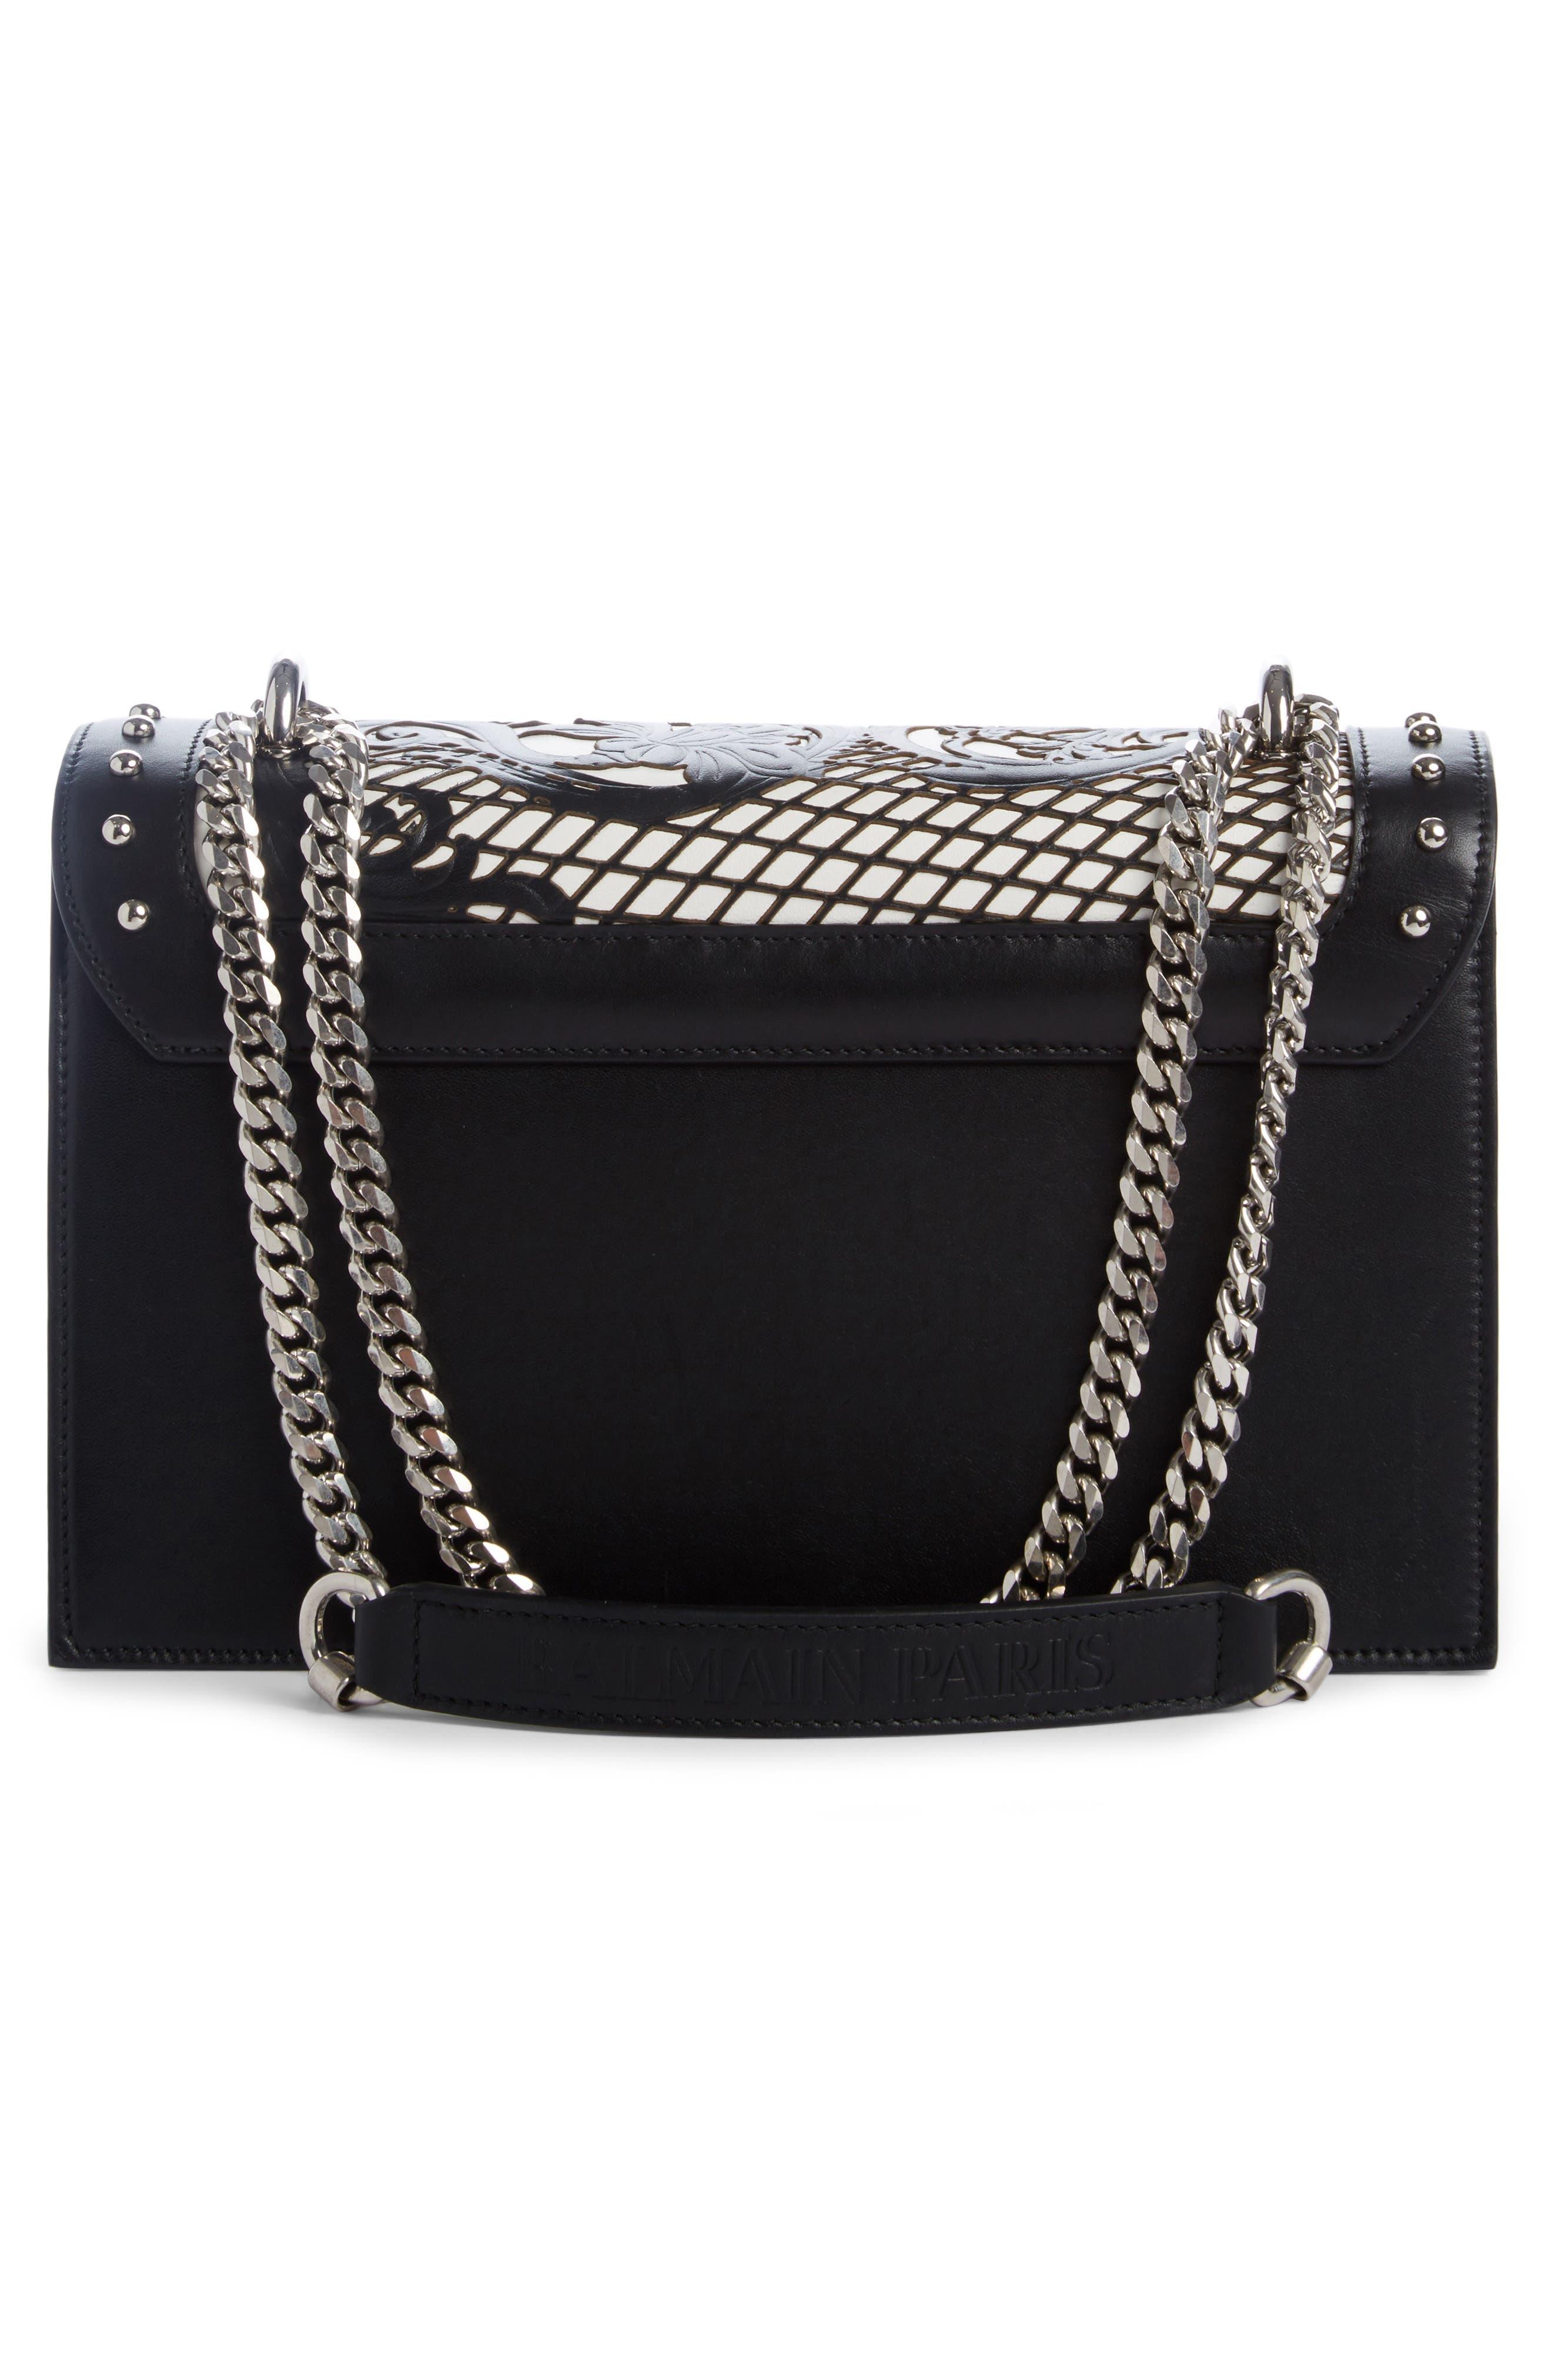 Box Laser Cut Floral Leather Shoulder Bag,                             Alternate thumbnail 2, color,                             Noir/ Blanc